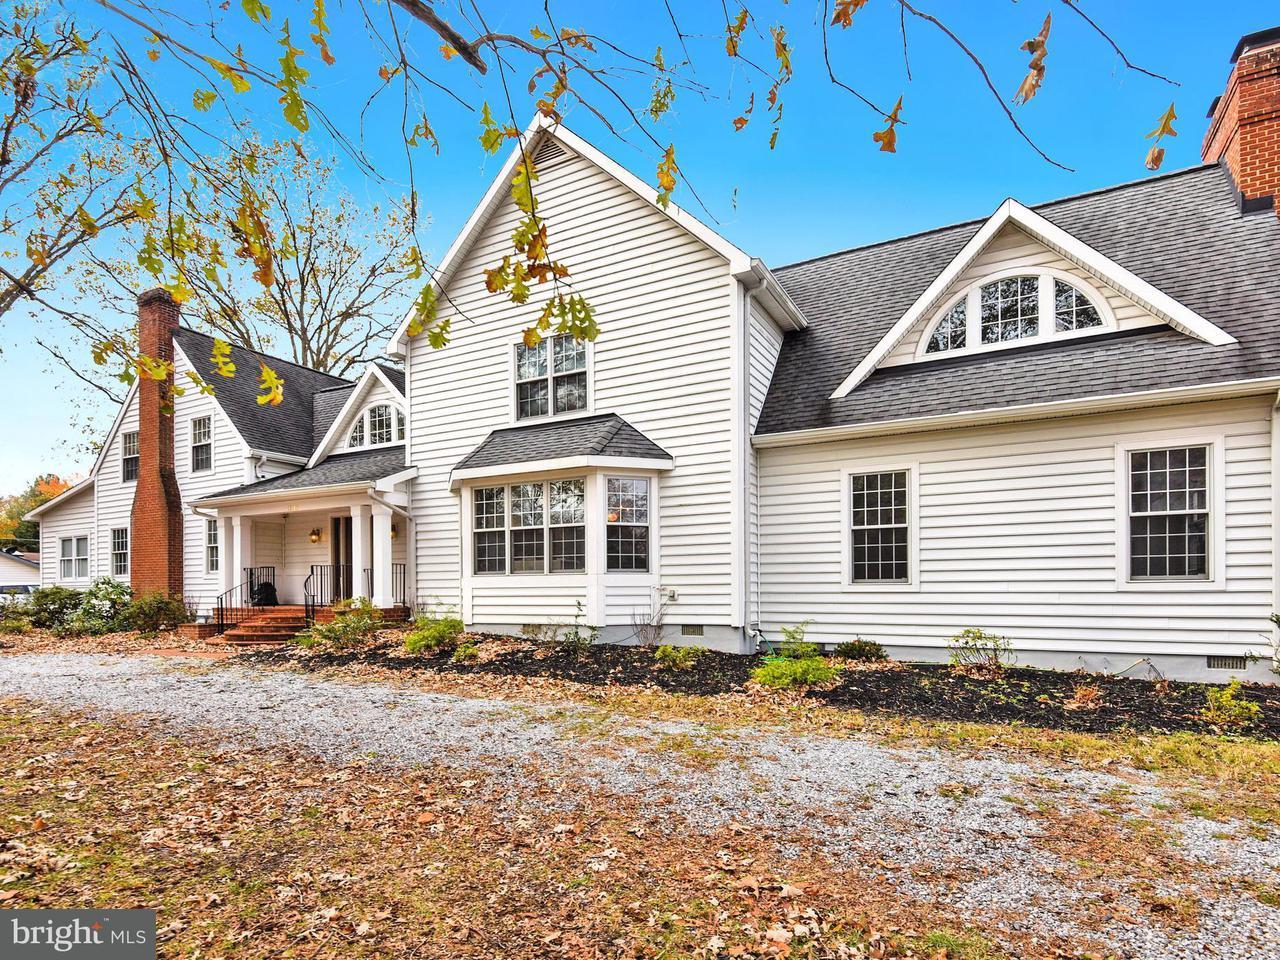 独户住宅 为 销售 在 12205 Riverview Road 12205 Riverview Road Fort Washington, 马里兰州 20744 美国